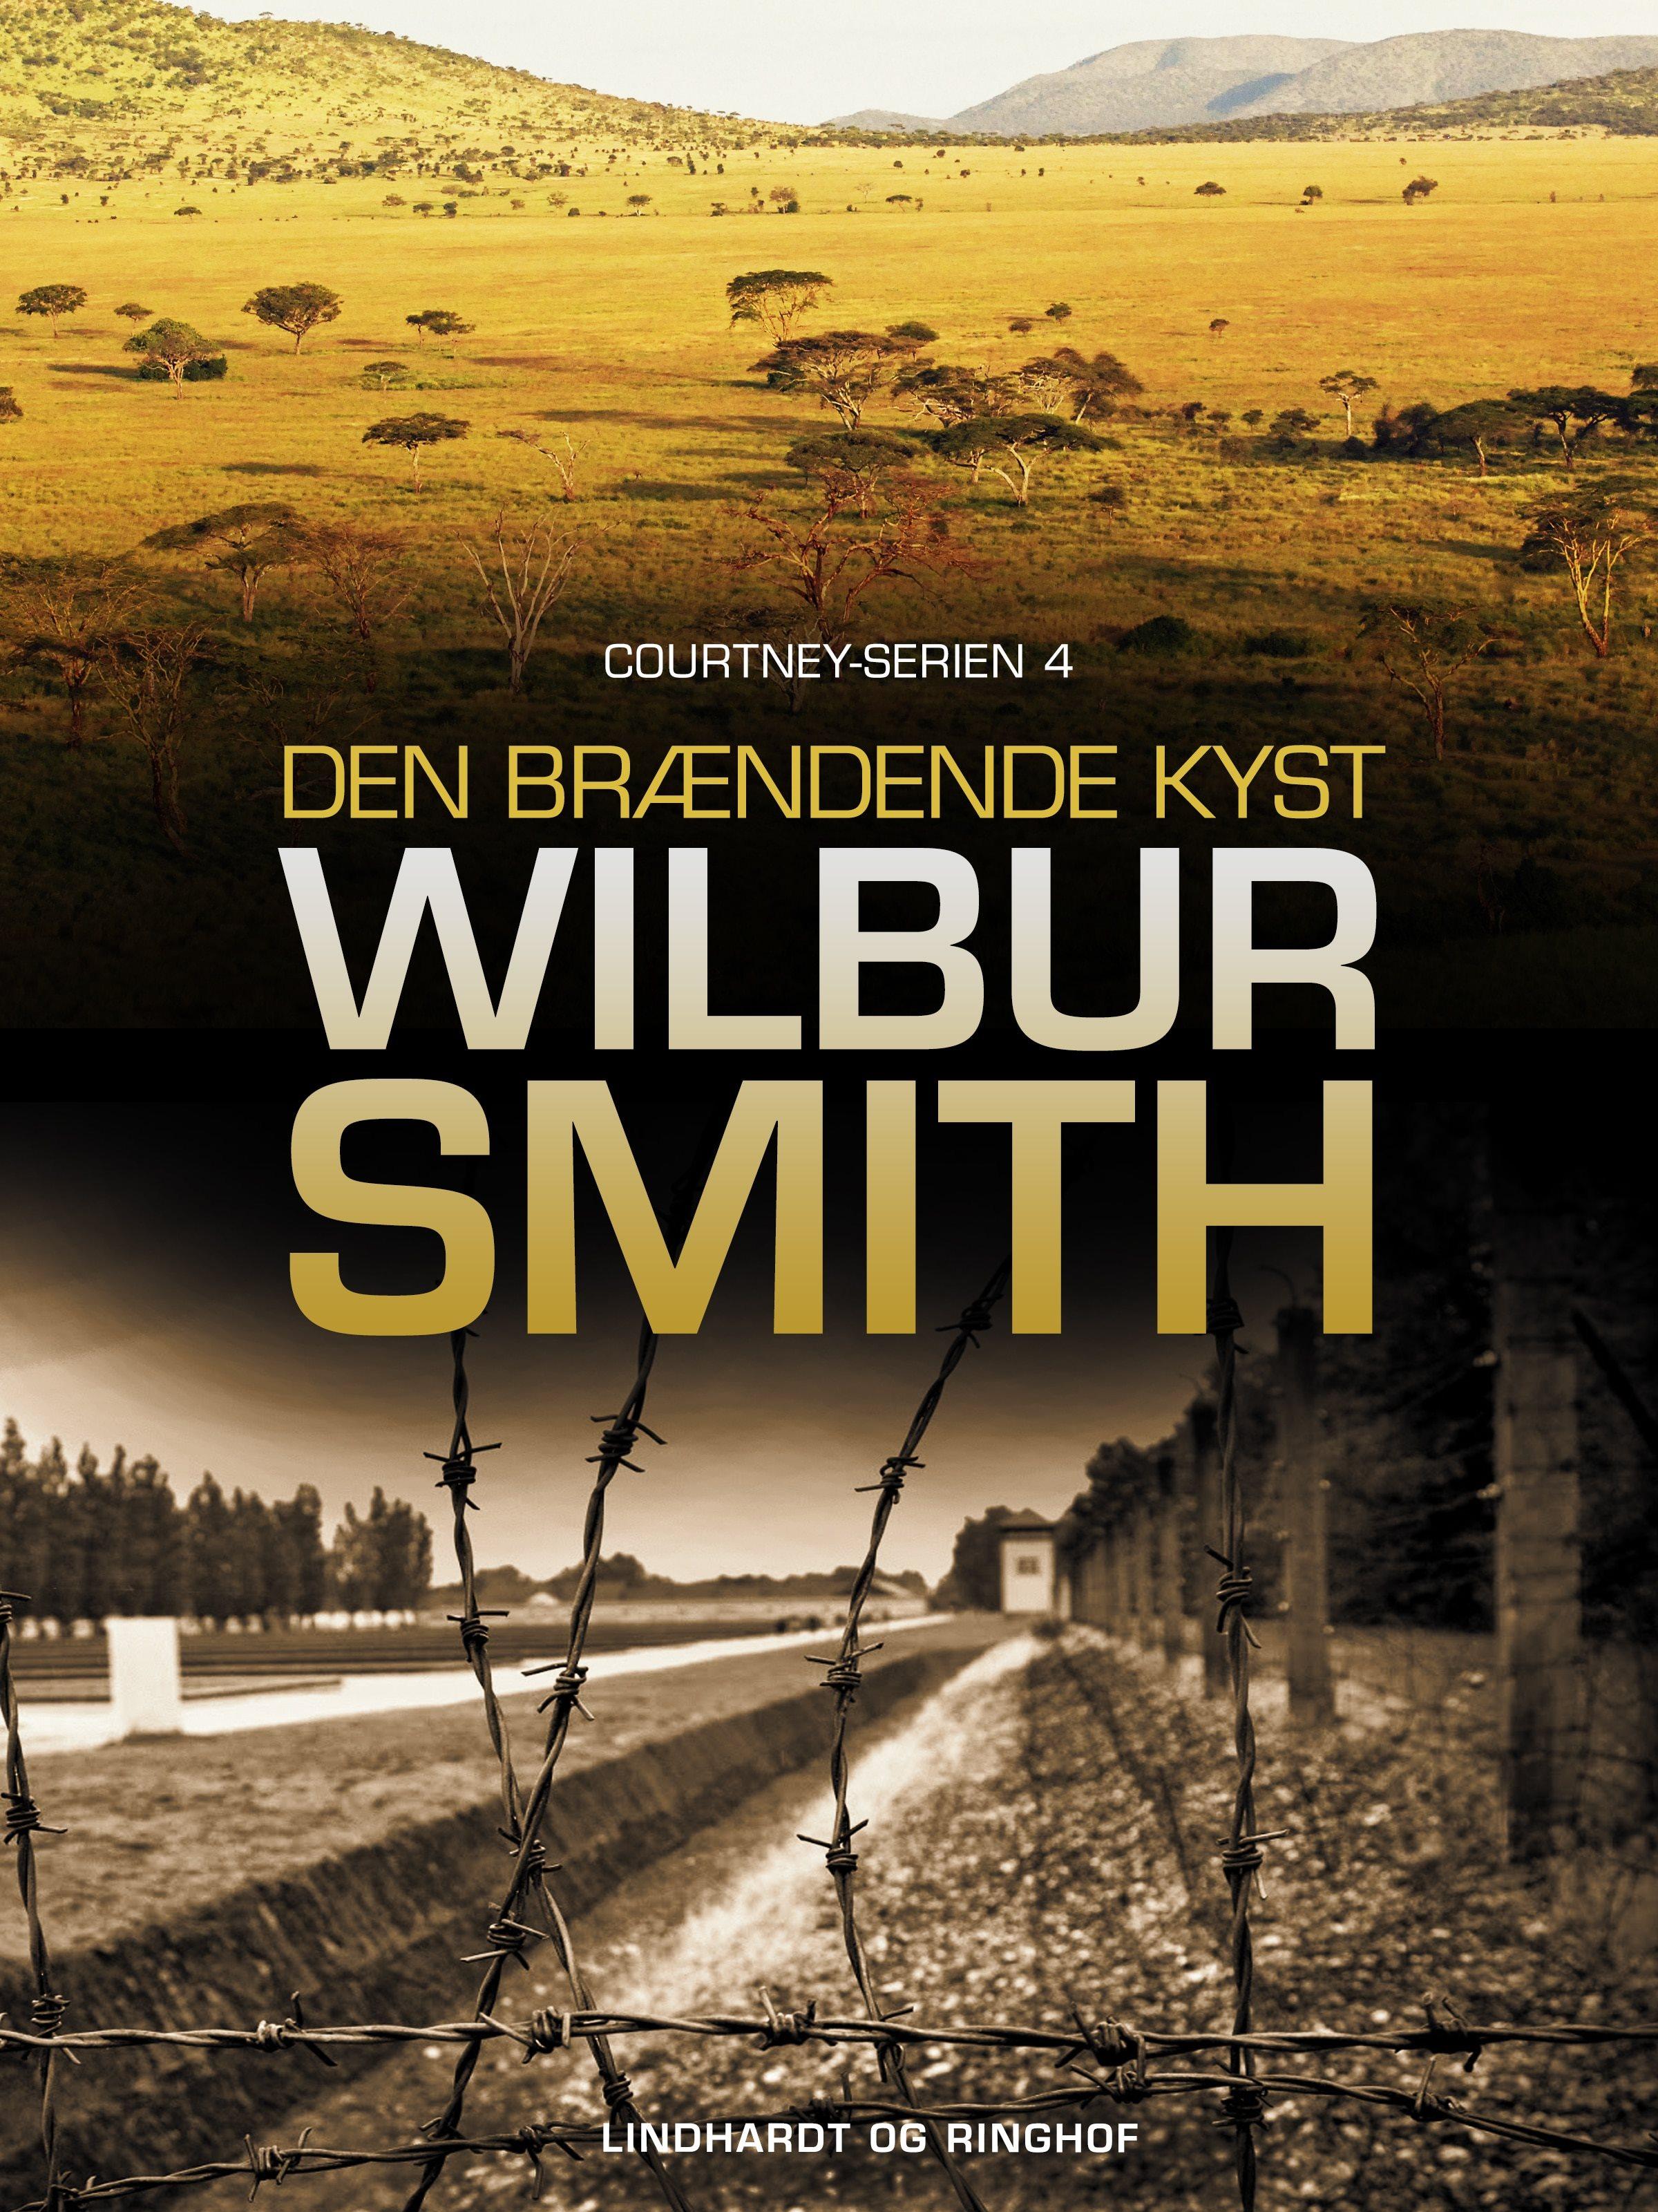 Wilbur Smith, Den brændende kyst, Courtney-serien